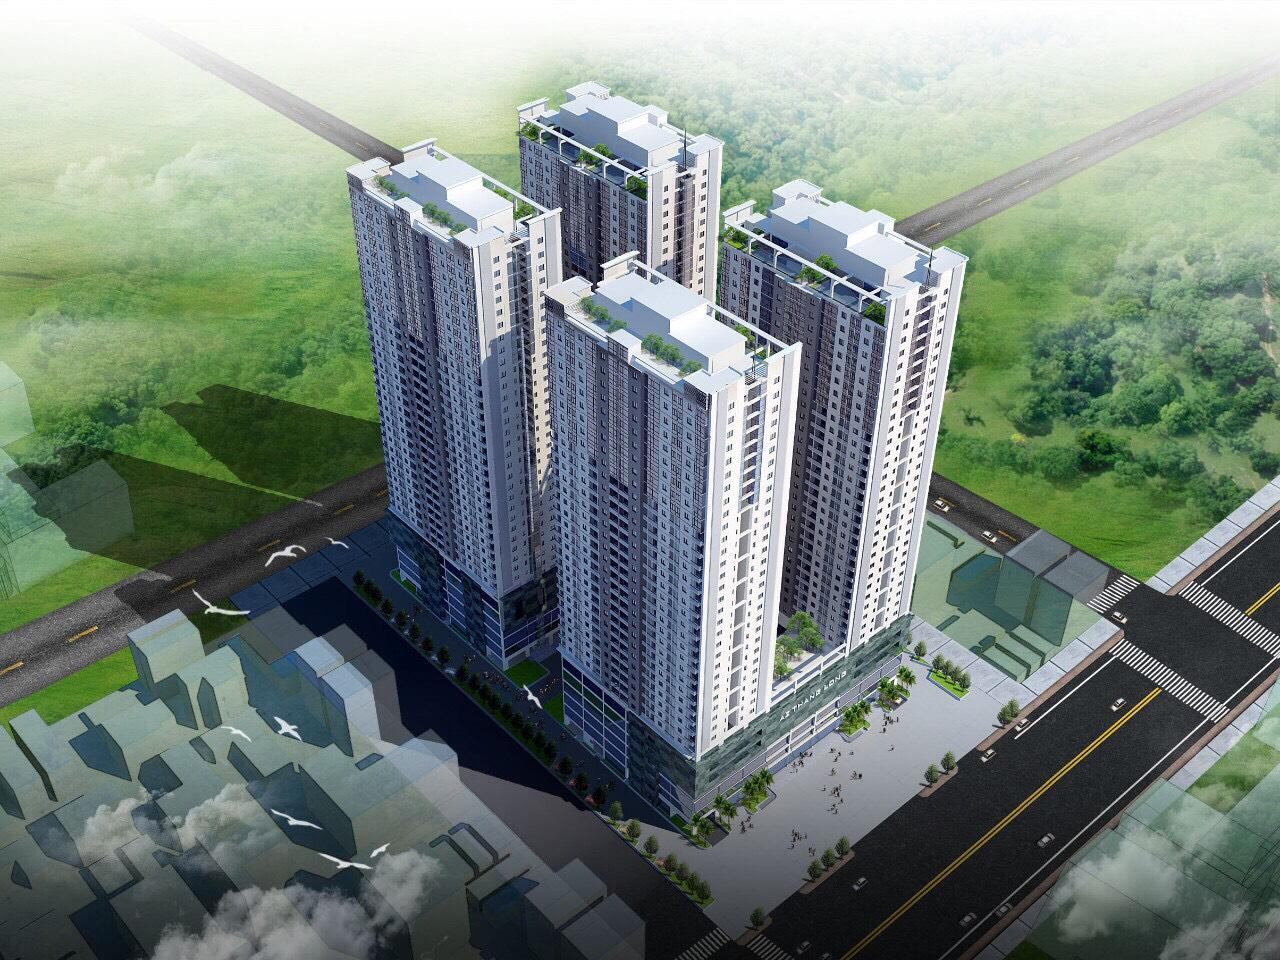 dự án nhà ở xã hội tht new city